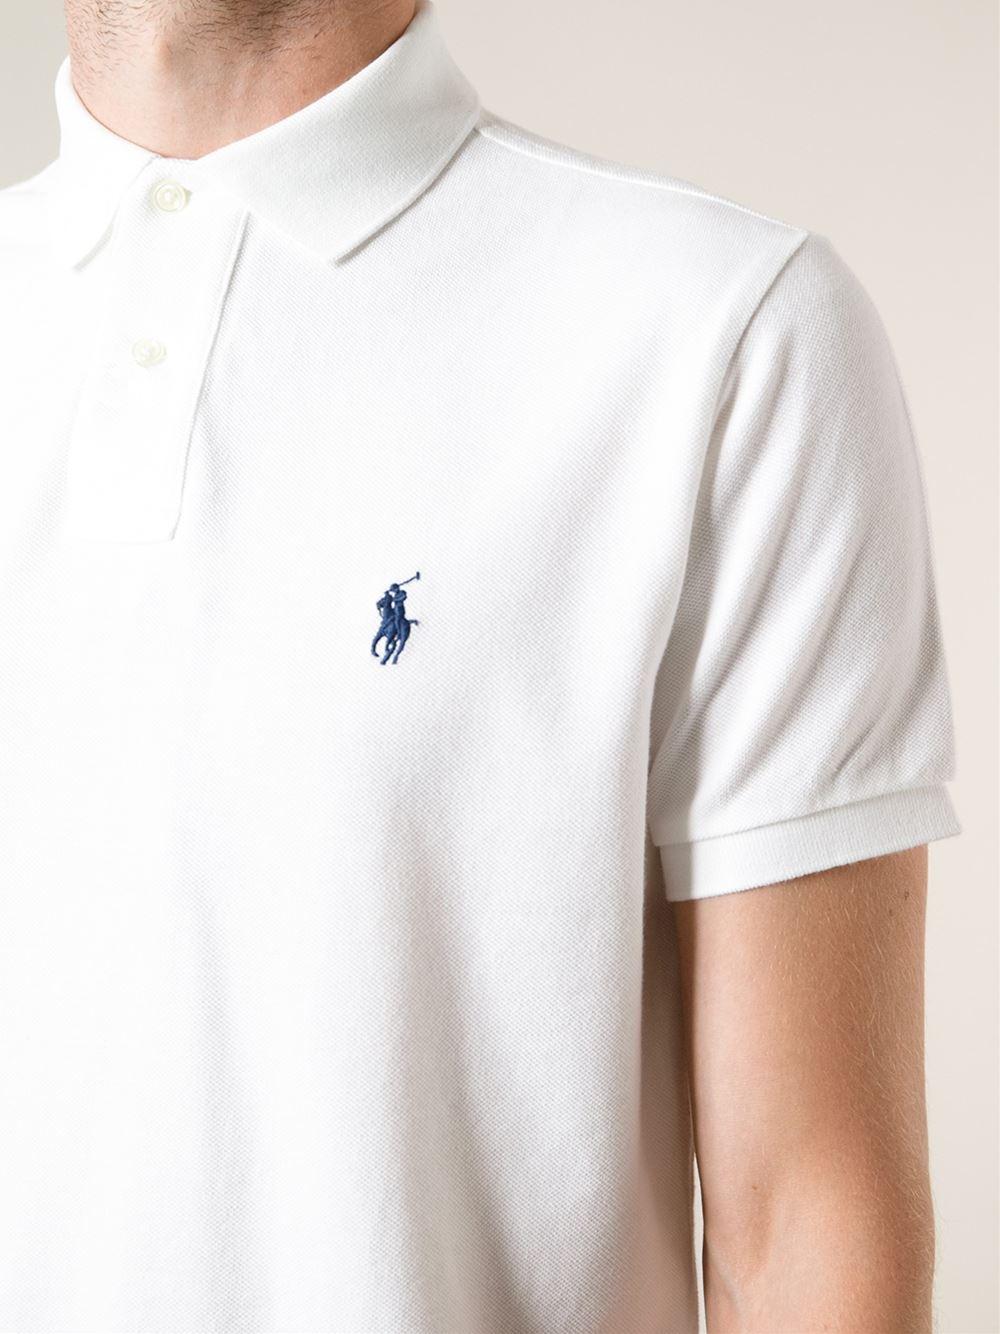 Lyst Polo Ralph Lauren Blue Logo Polo Shirt In White For Men